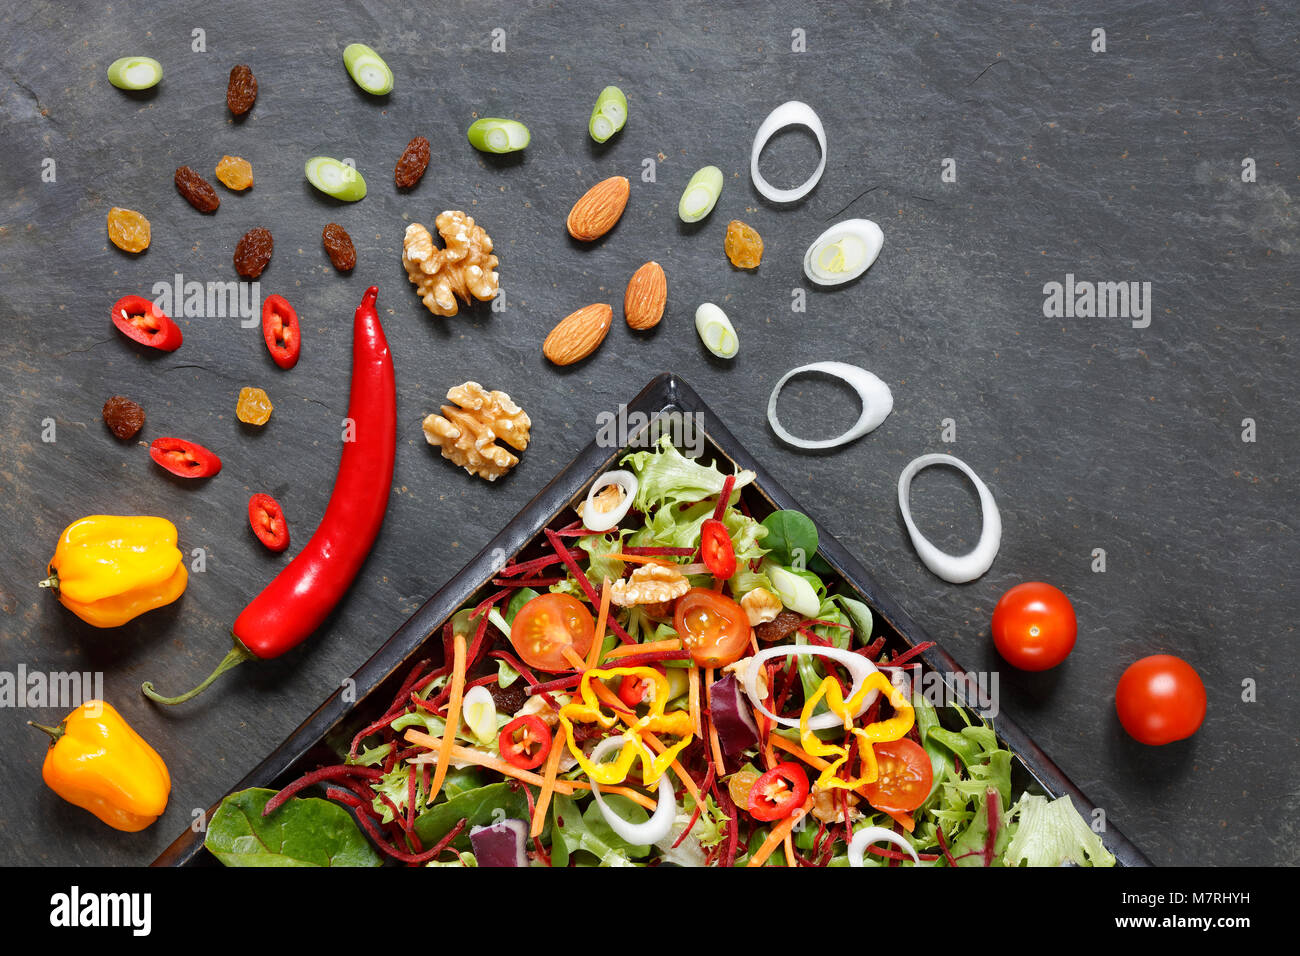 Salat Zutaten mit Salat, Kohl, Nüsse und Samen auf Schiefer von oben Stockbild